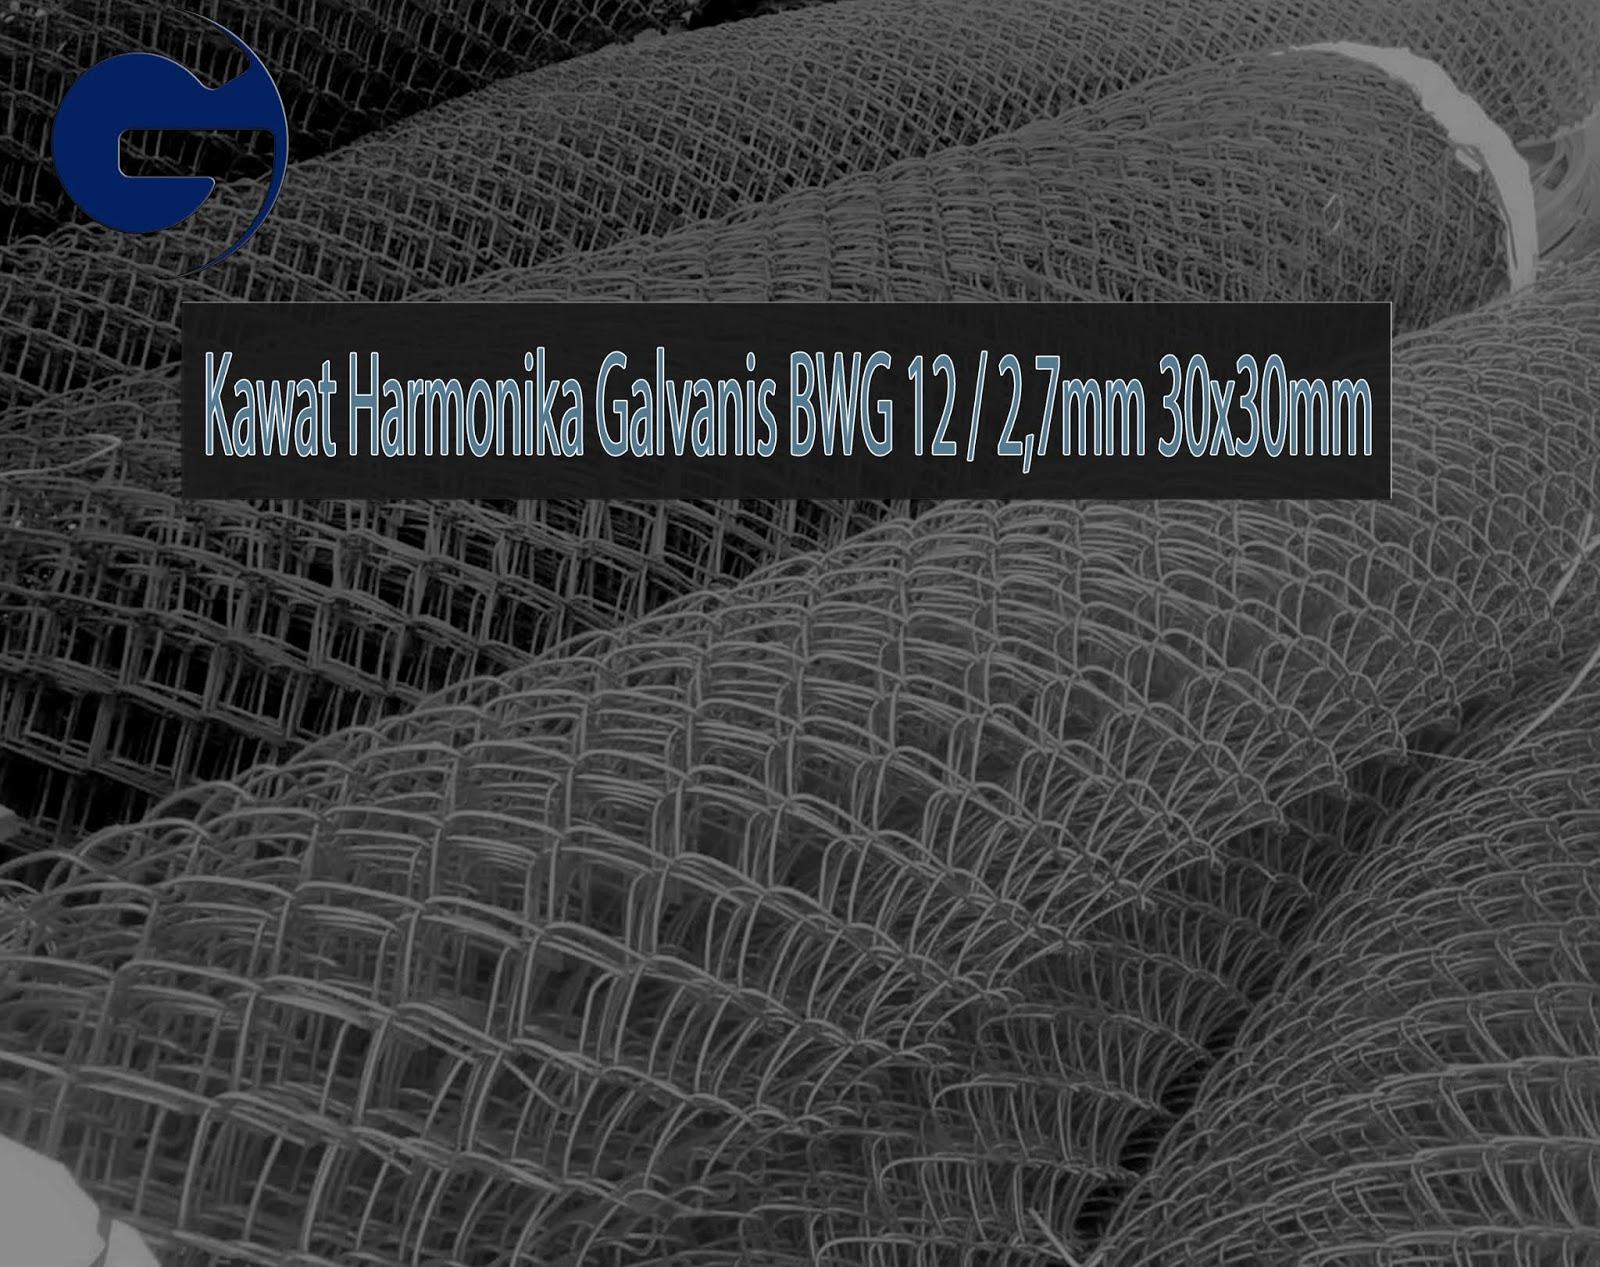 Jual Kawat Harmonika Galvanis SNI BWG 12/2,7mm 30x30mm